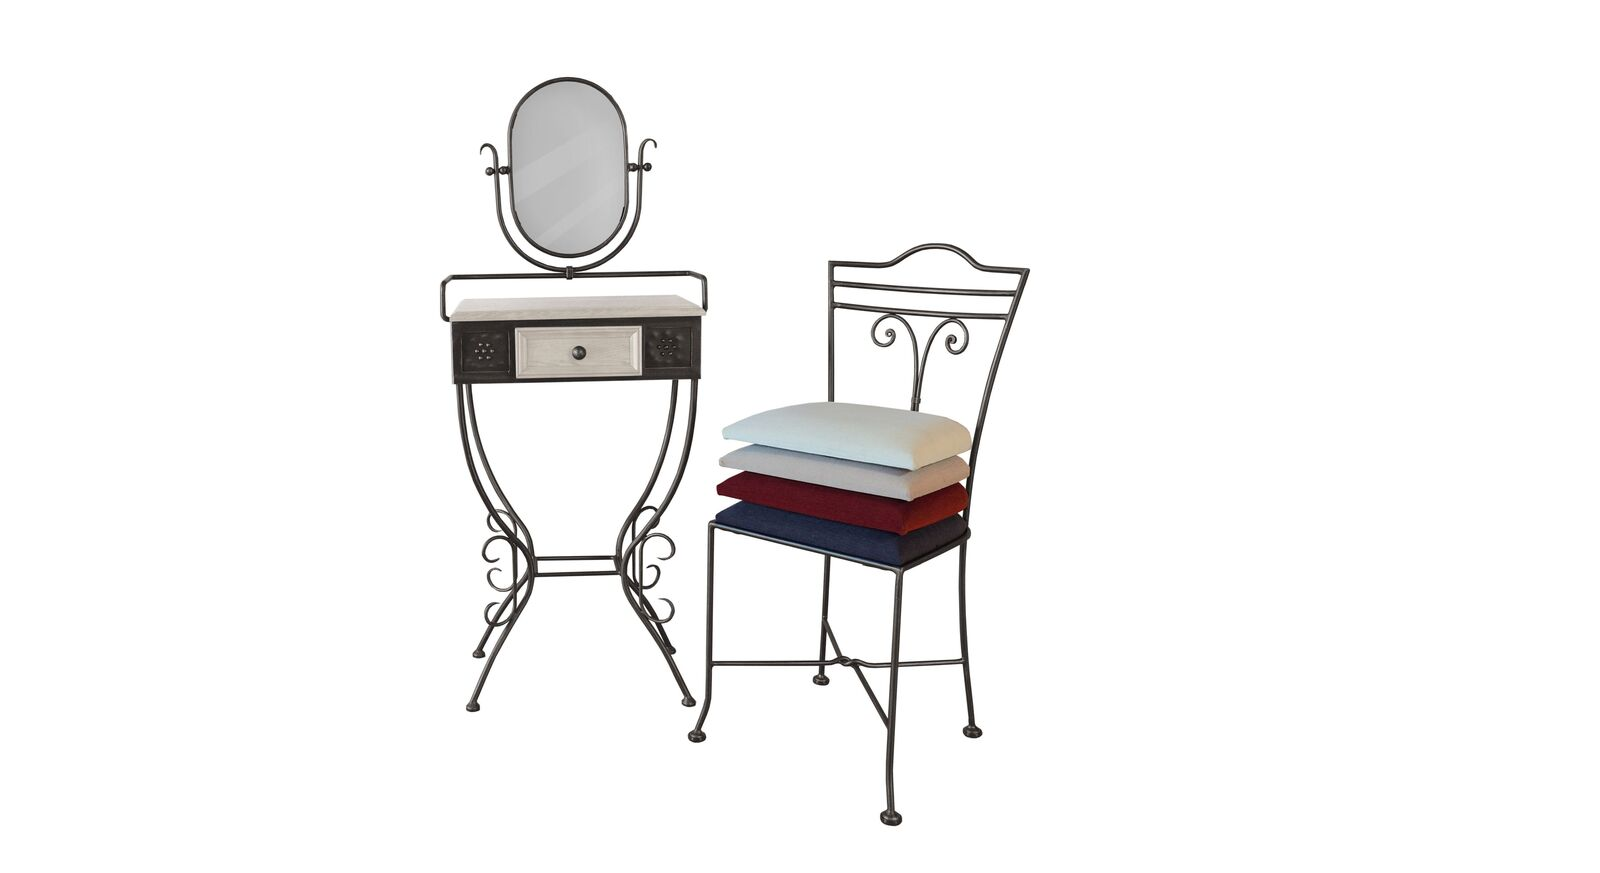 Schminktisch und Stuhl Loria aus anthrazitfarbenem Metall